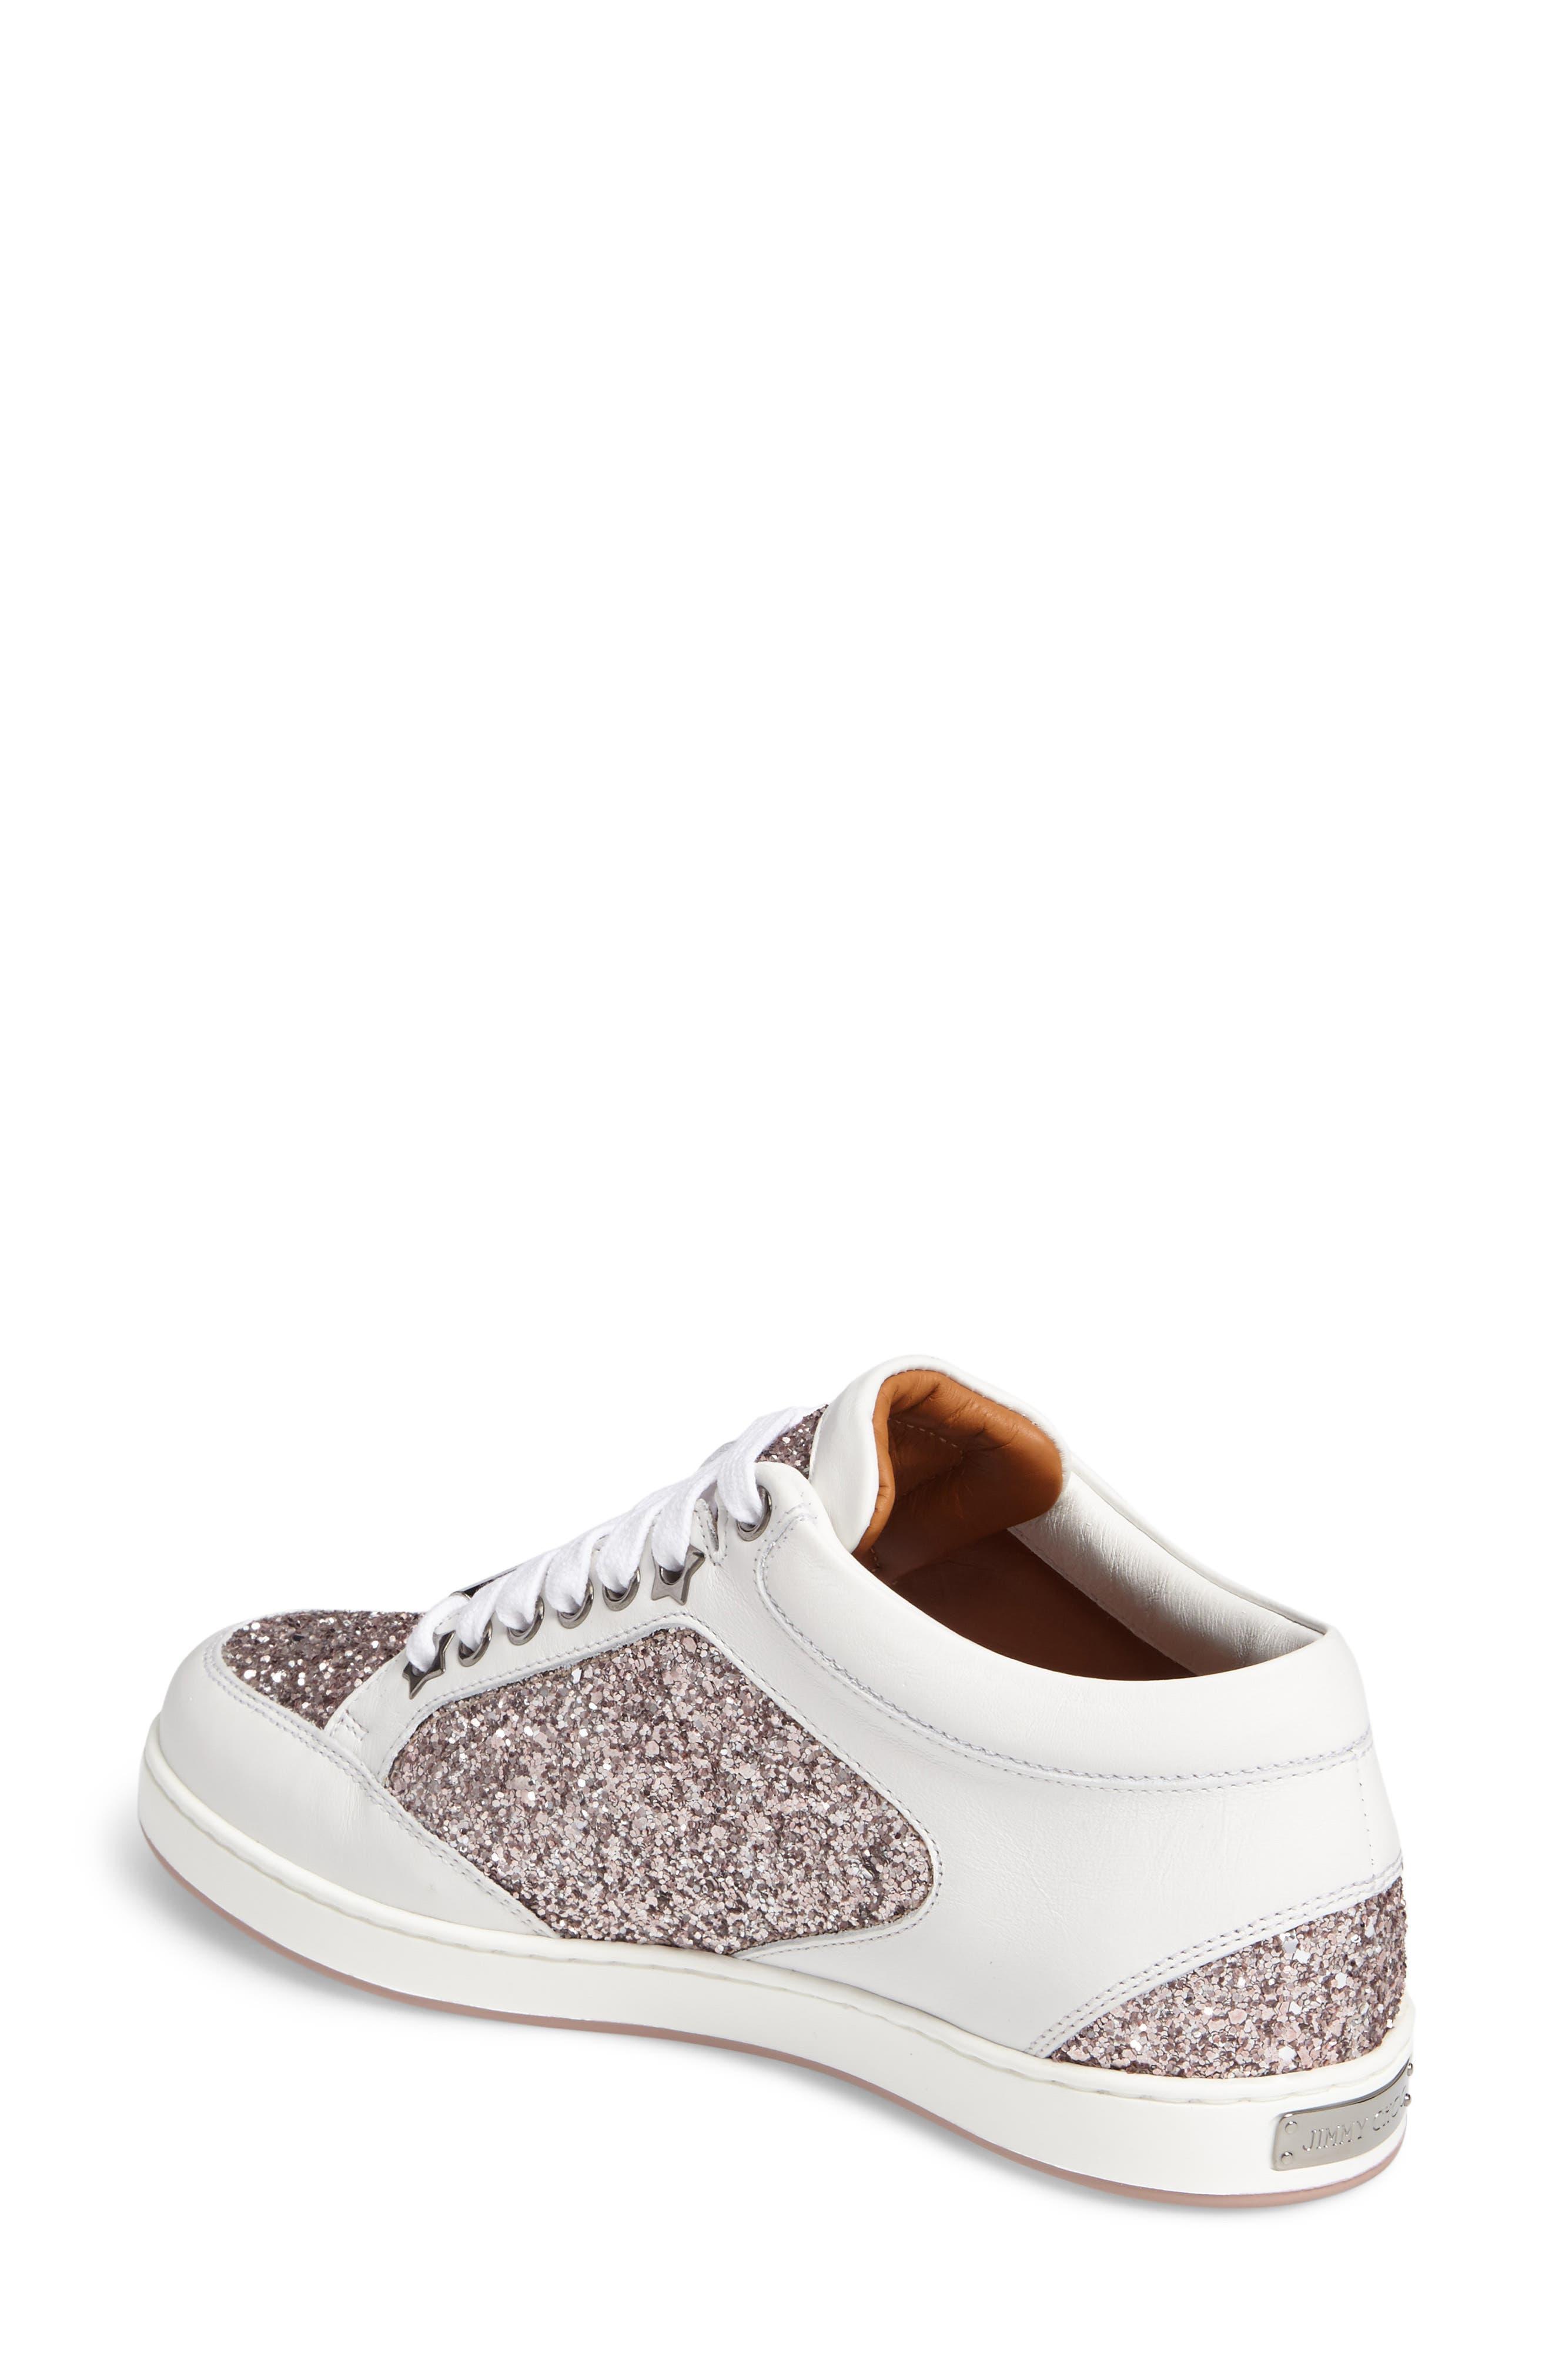 Alternate Image 2  - Jimmy Choo Miami Glitter Sneaker (Women)